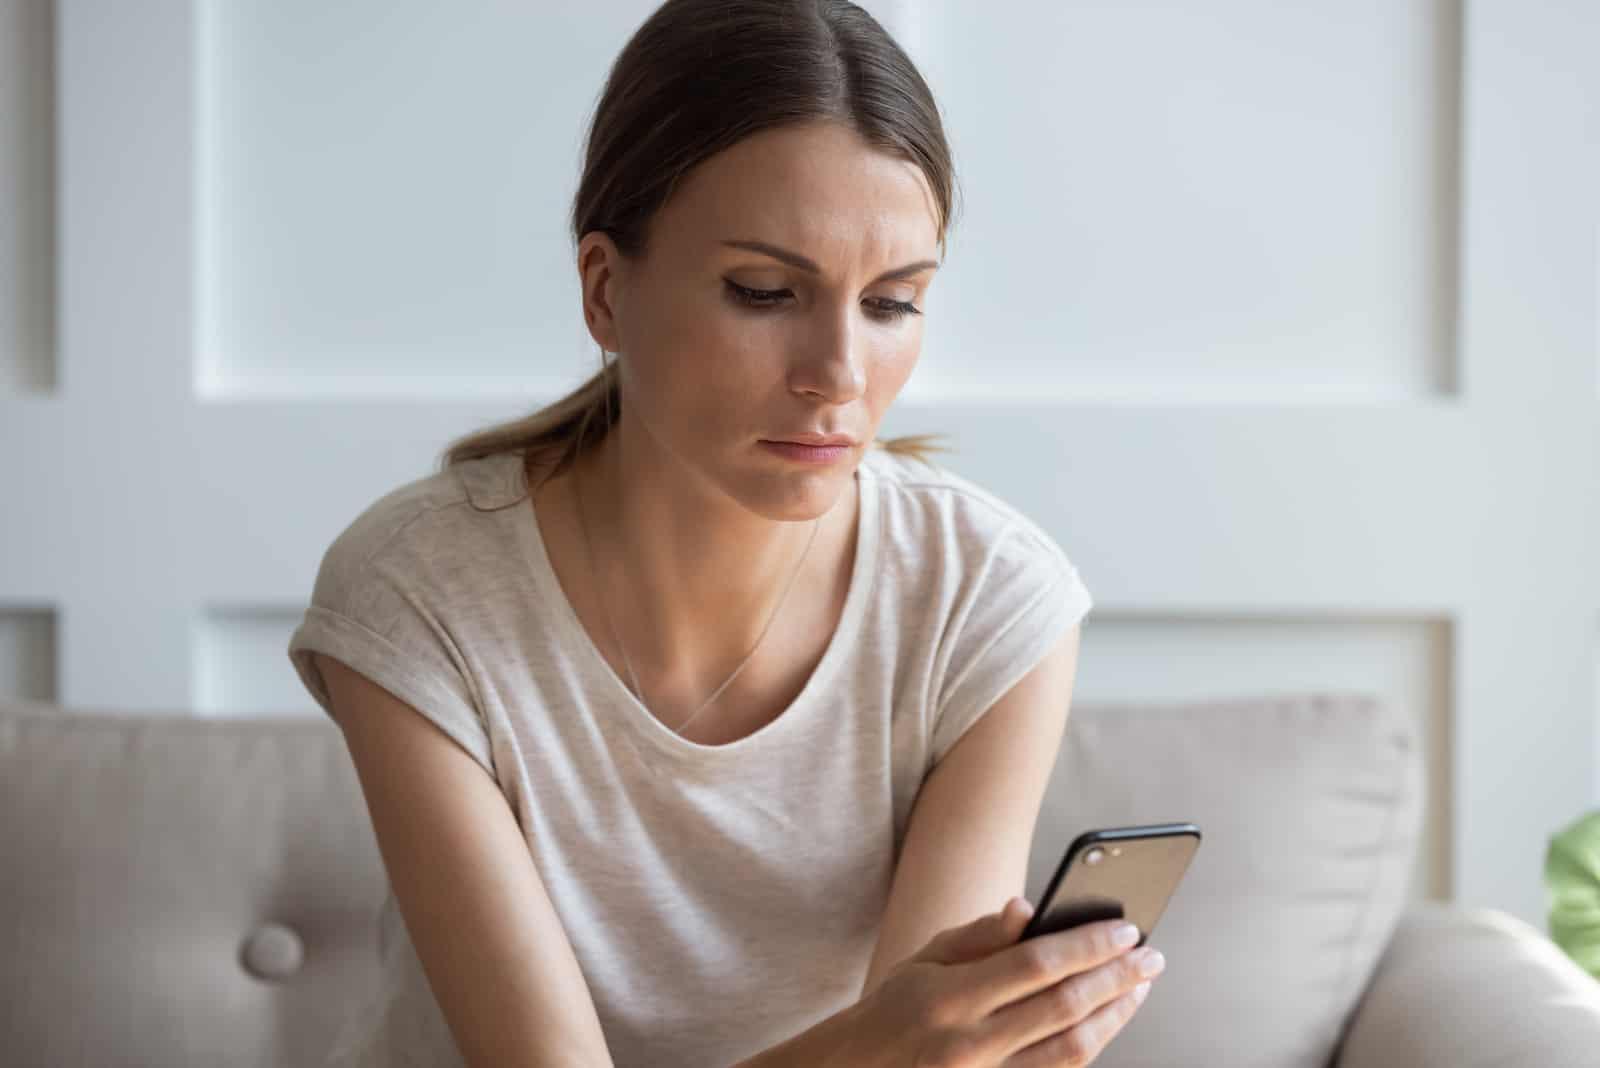 nachdenkliche Frau, die Handybildschirm betrachtet